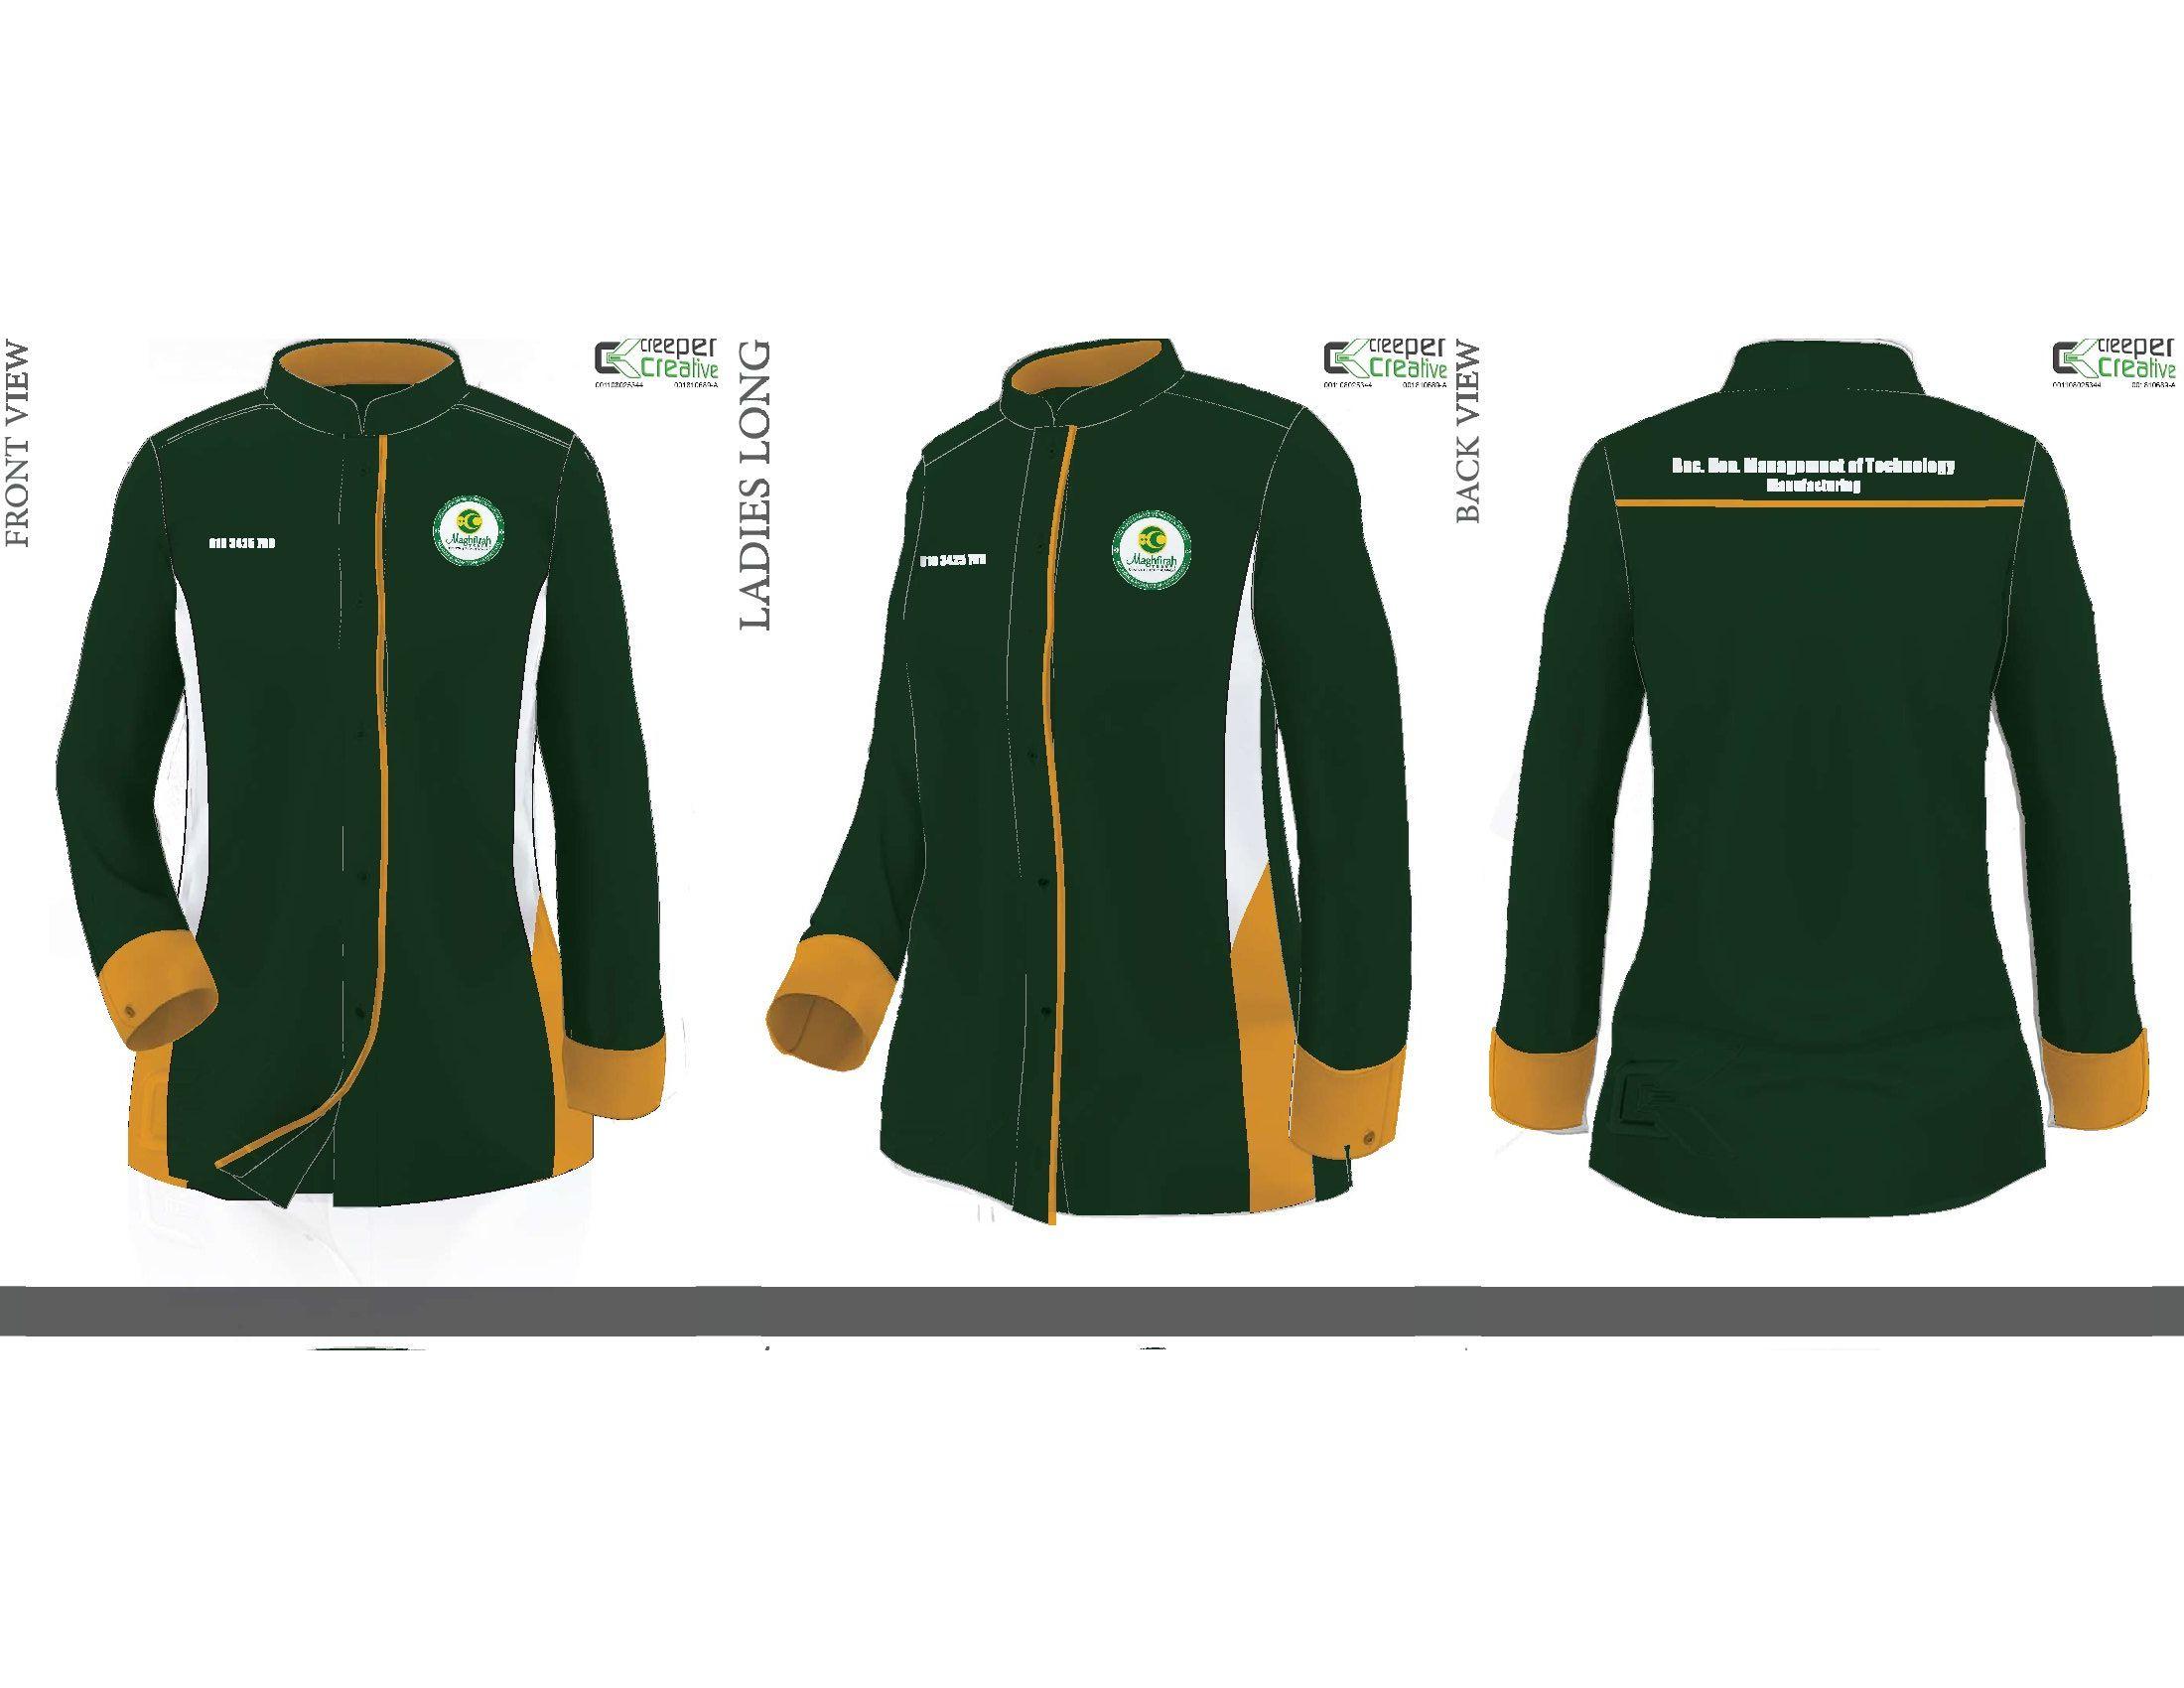 Creative T Shirt Design Ideas, – Polo Shirt